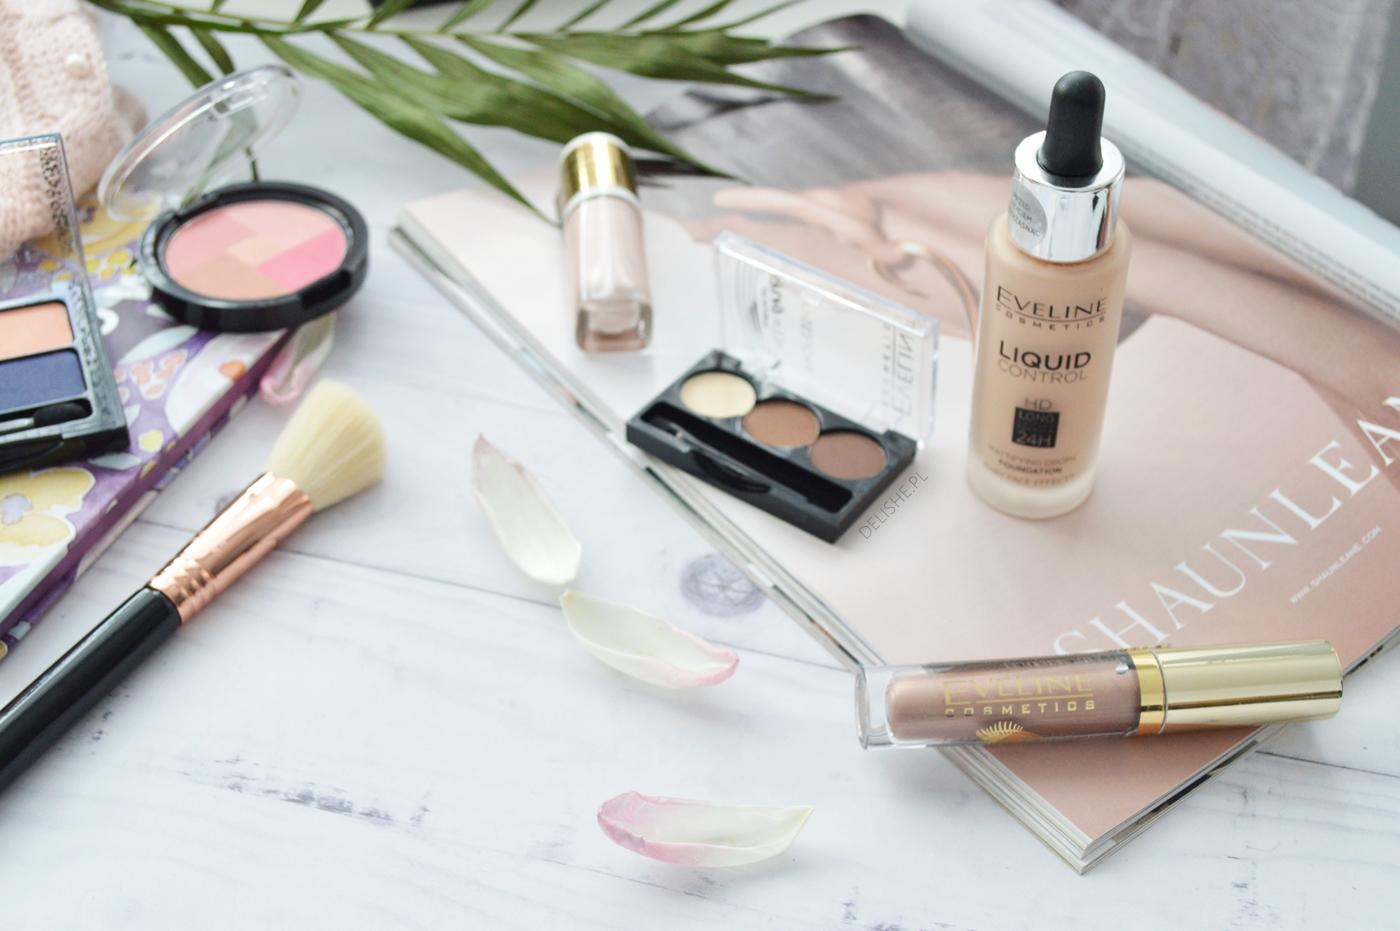 eveline cosmetics kremowy rozświetlacz i kremowy metaliczny cień do powiek